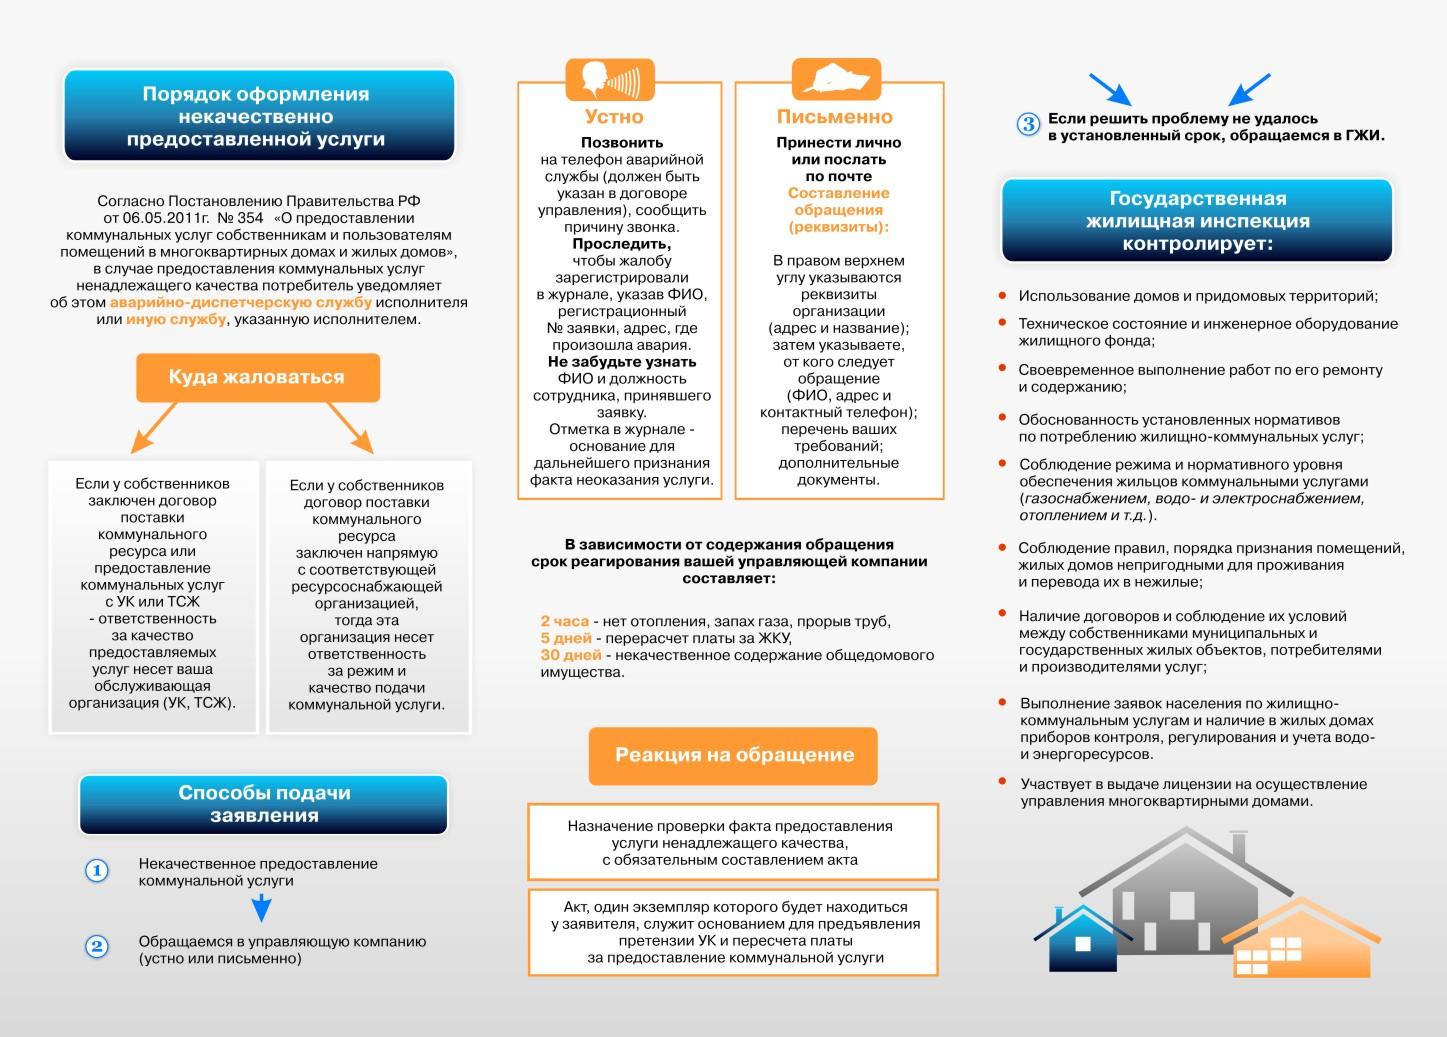 Конкурс на предоставление жилищно коммунальных услуг